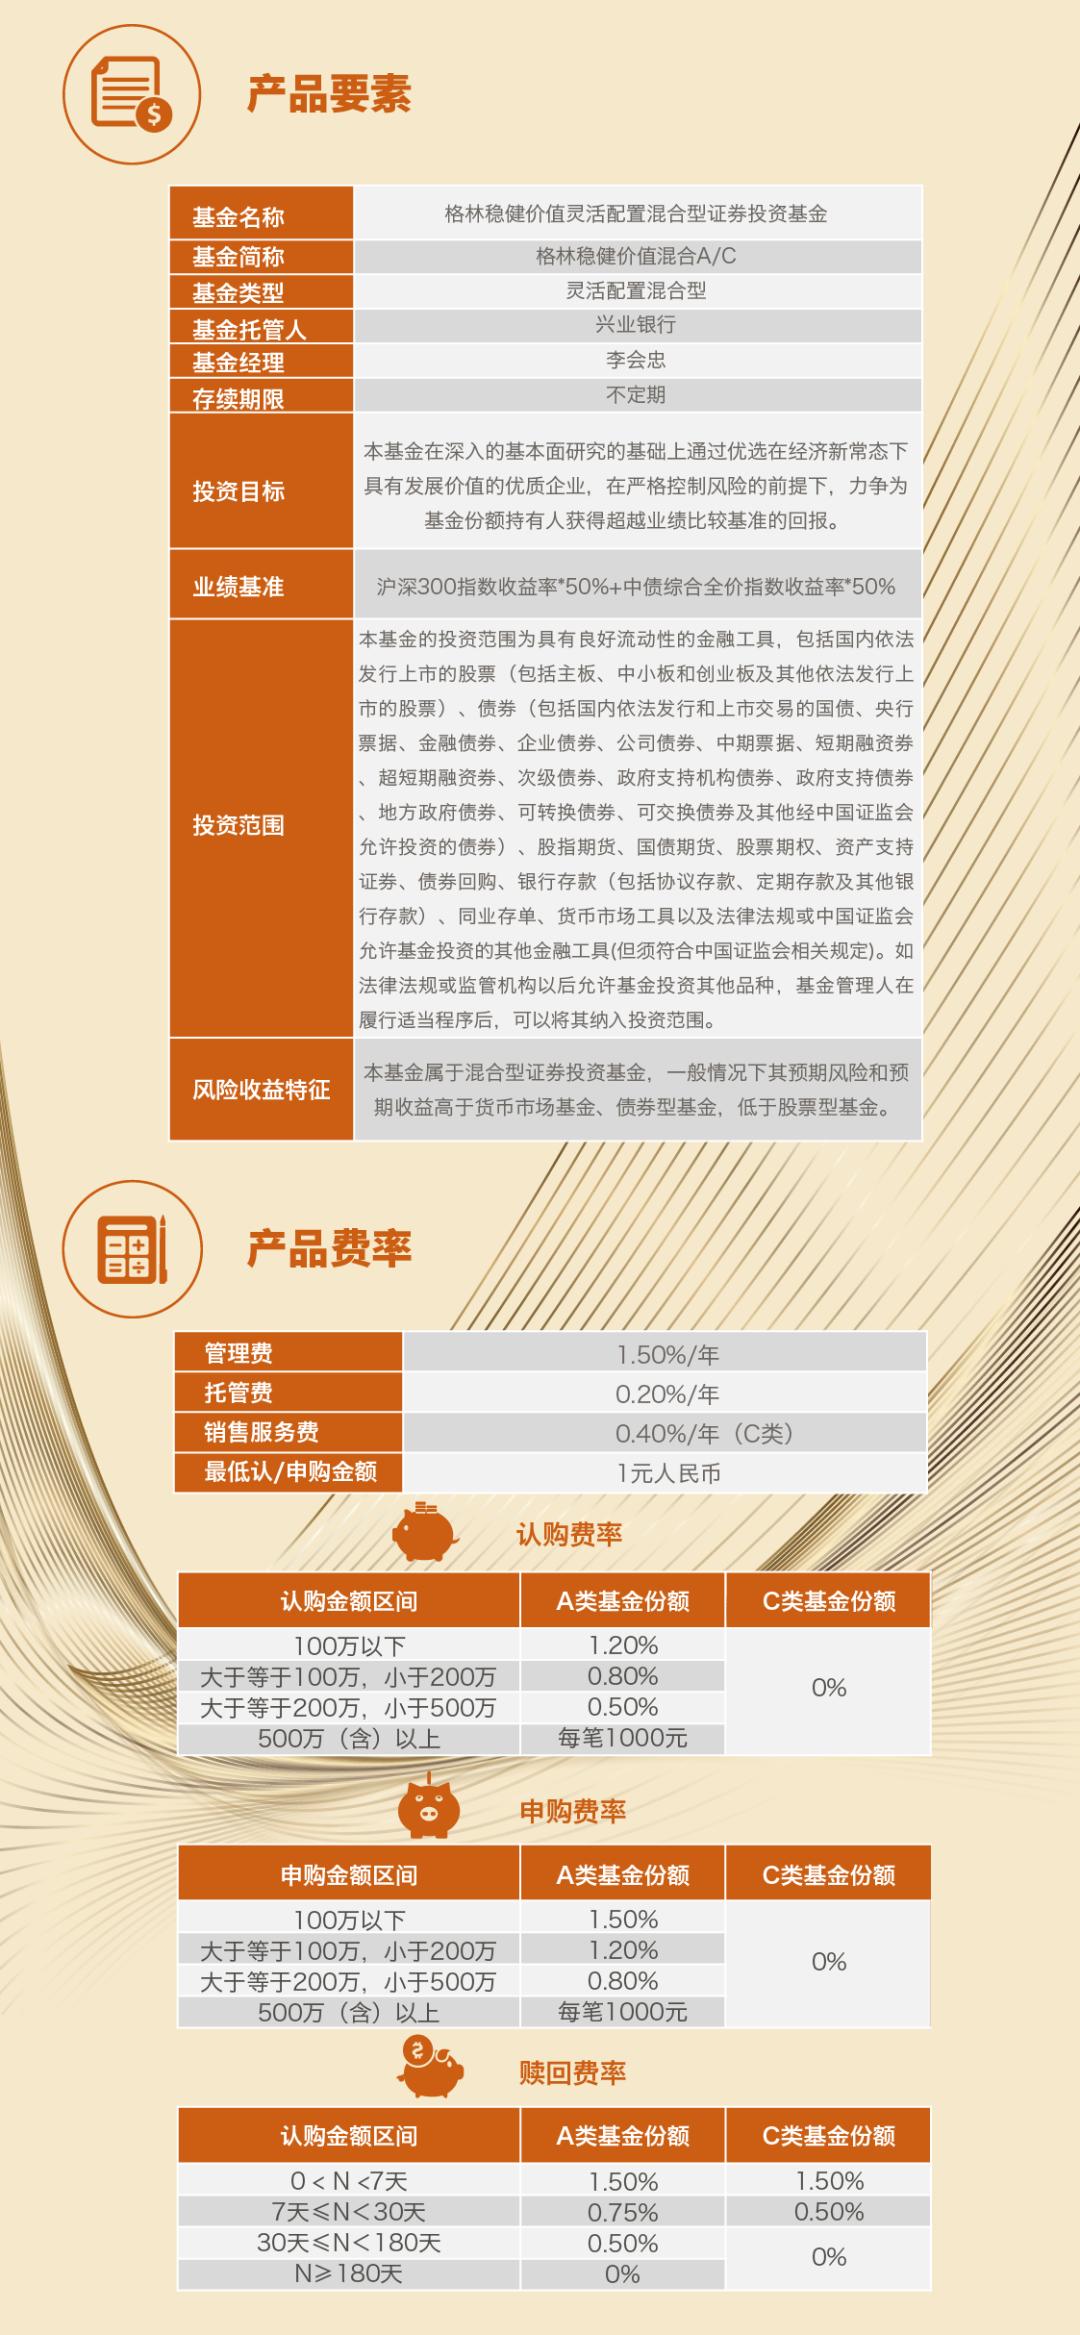 格林基金李会忠:与优秀公司共同成长